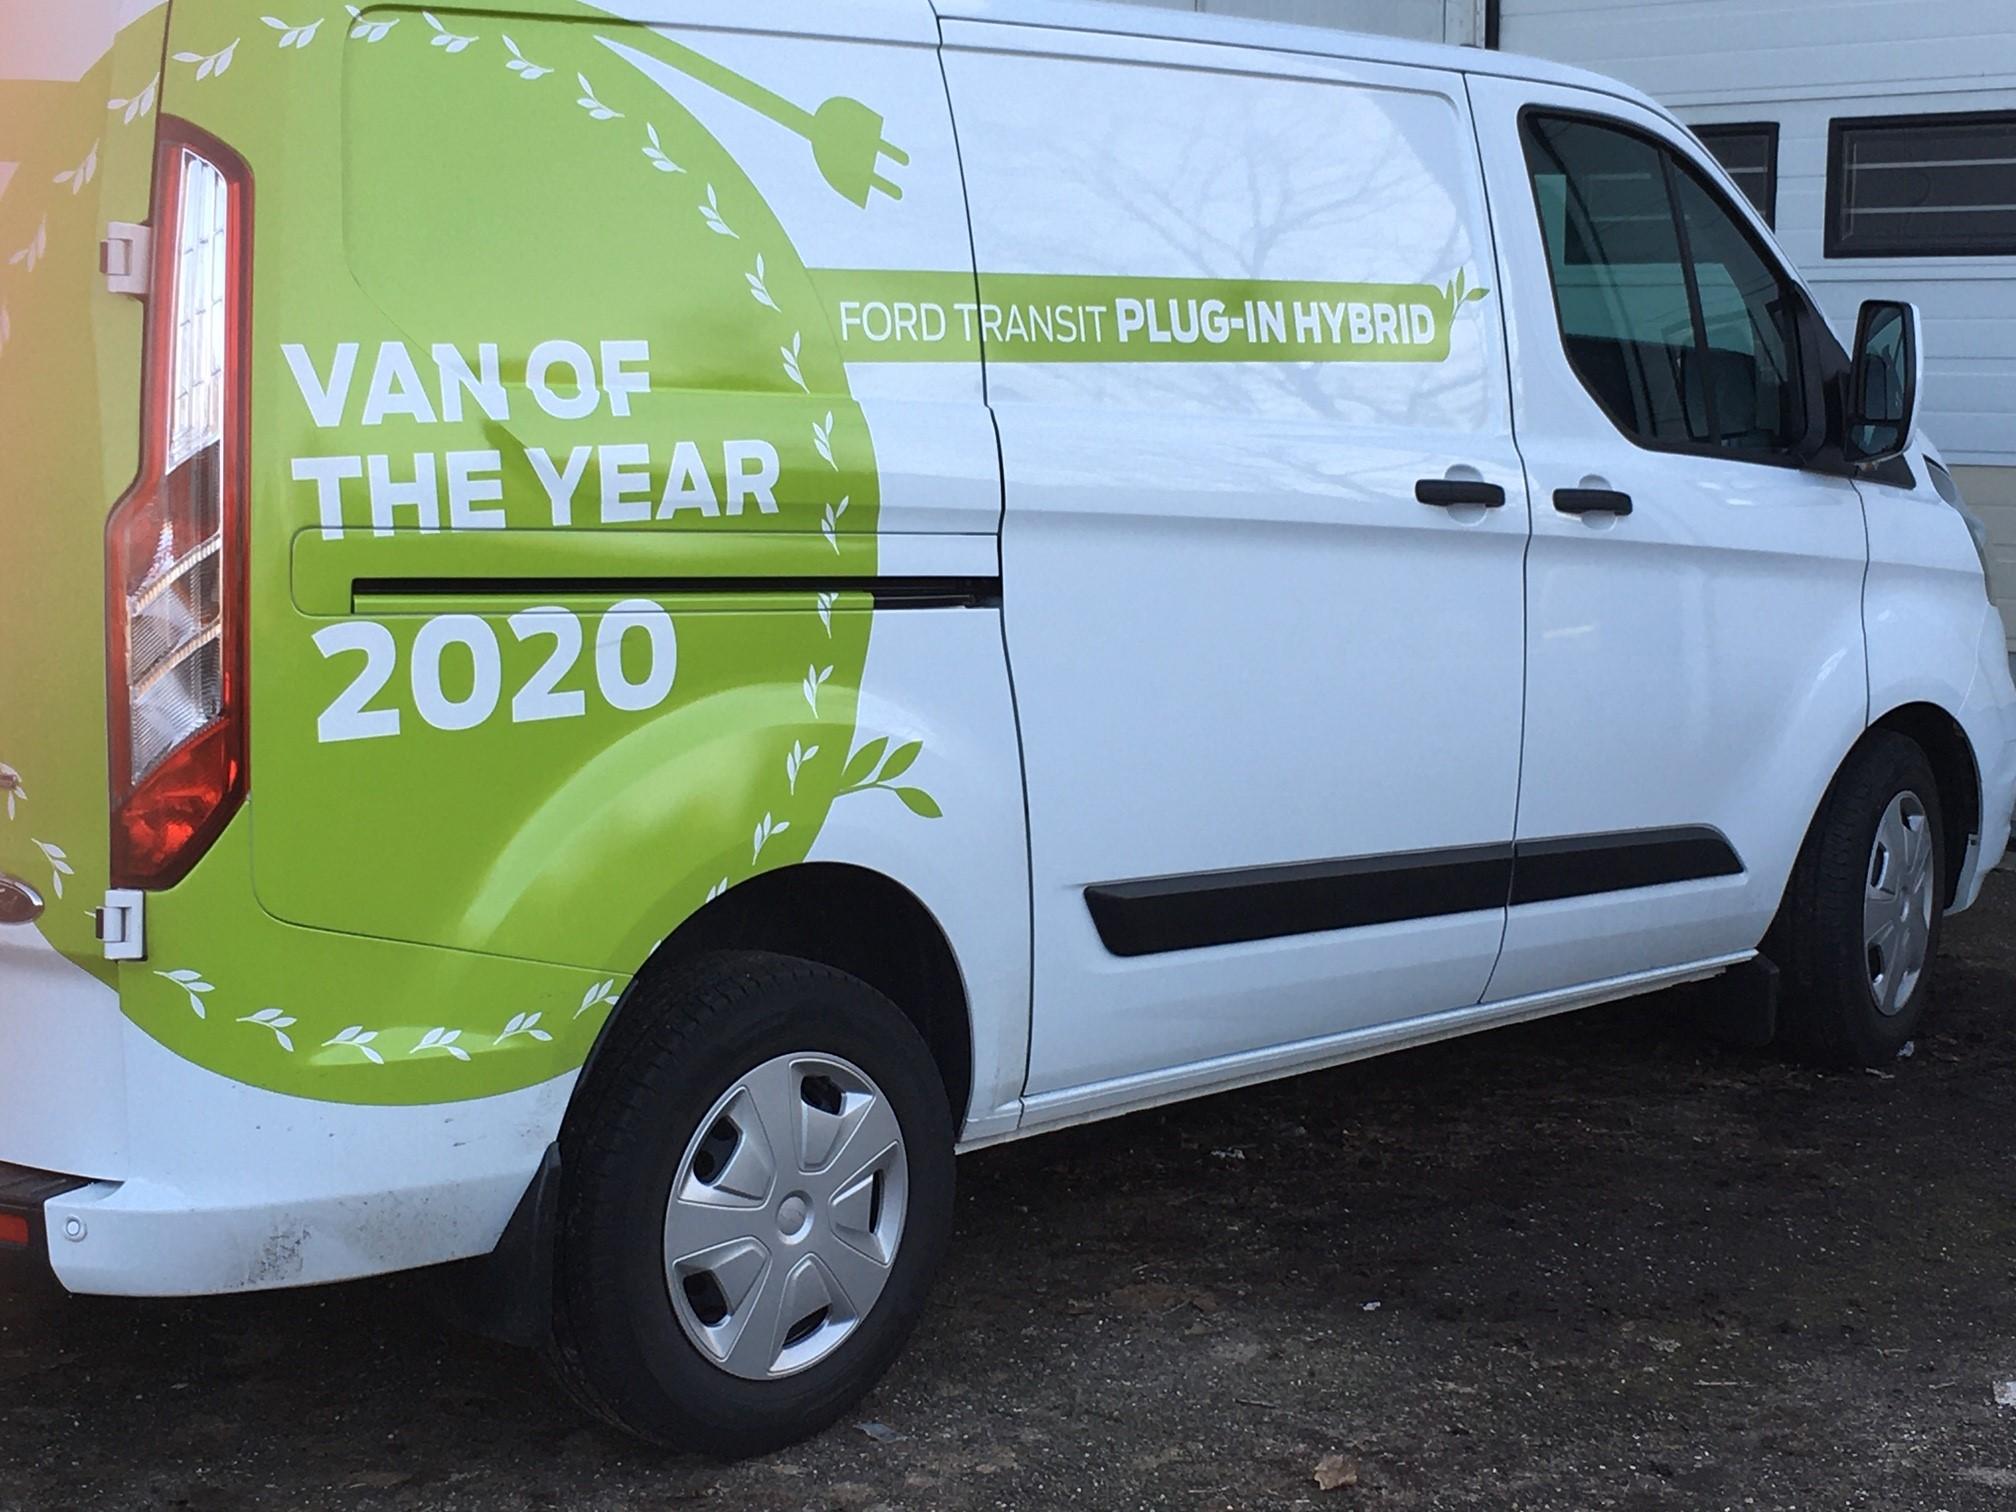 Celdekor werfvoertuigen Ford Transit Plug-in hybride